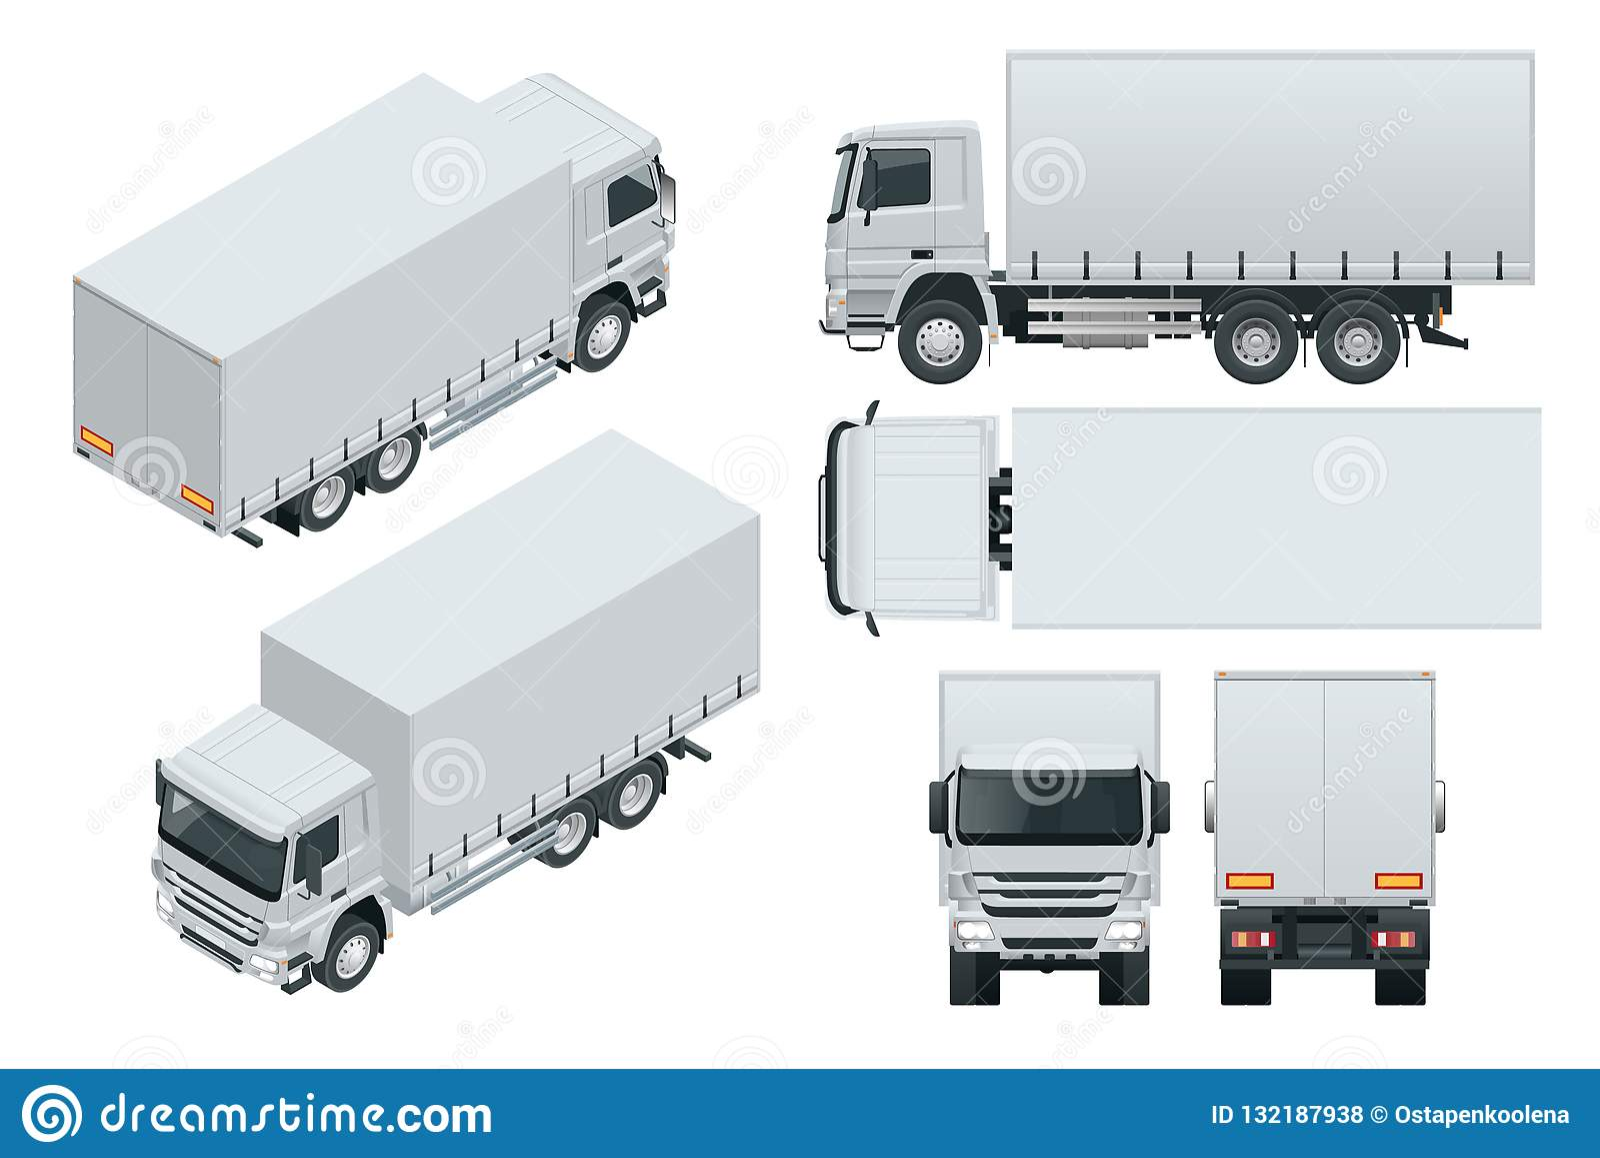 LKW-Lieferung, Lastwagenmodell lokalisierte Schablone auf weißem Hintergrund Isometrische, Seiten-, vordere, hintere, Draufsicht